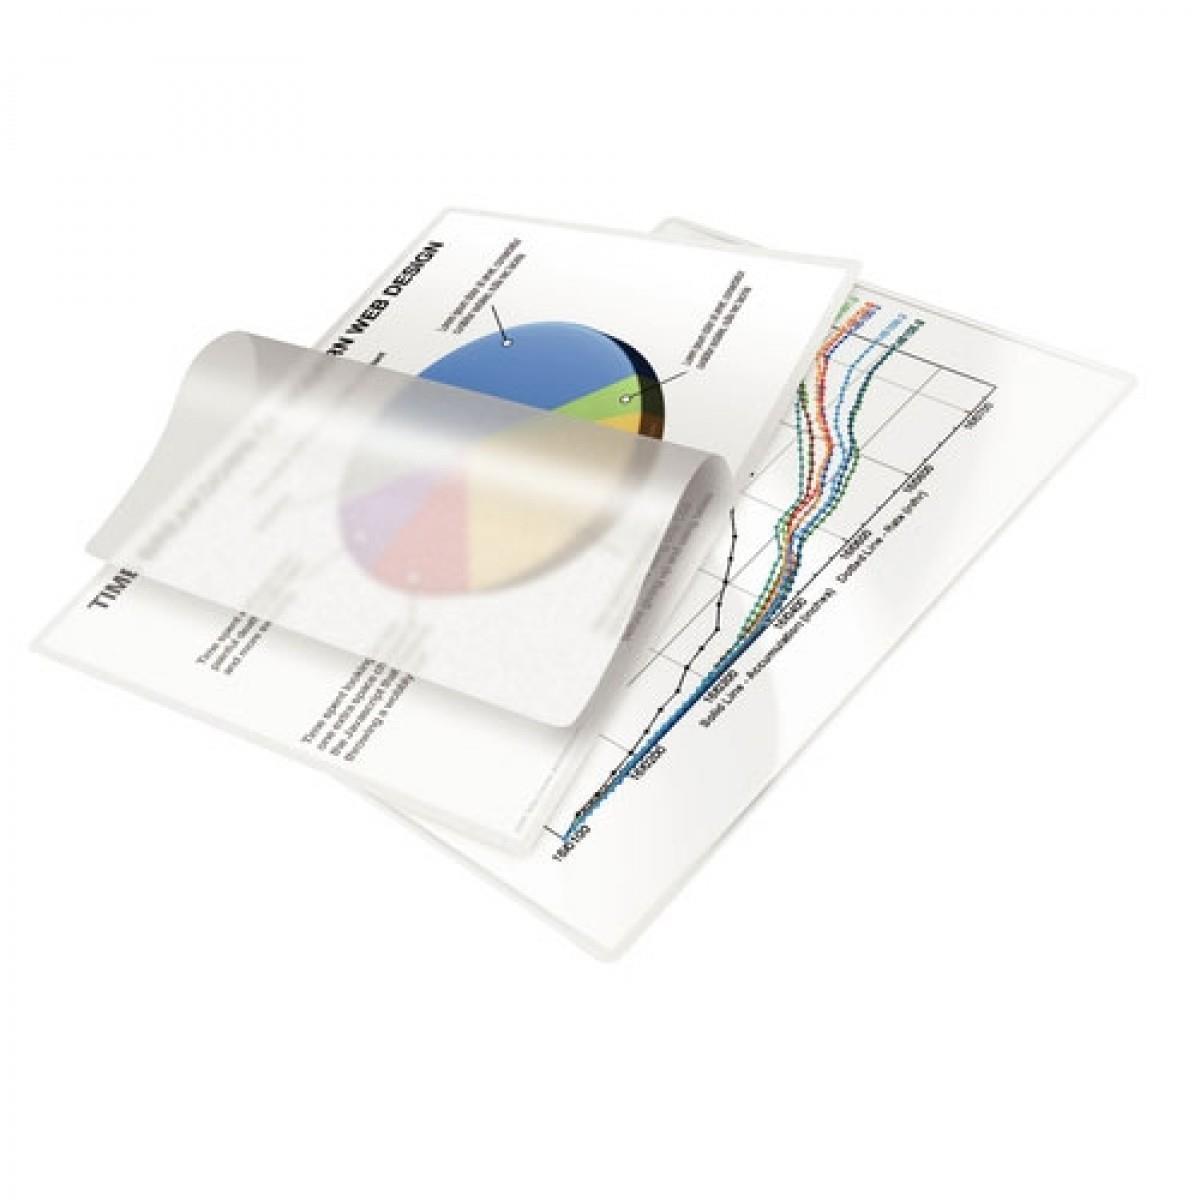 Πλαστικοποίηση Α4 αυτοκόλλητη